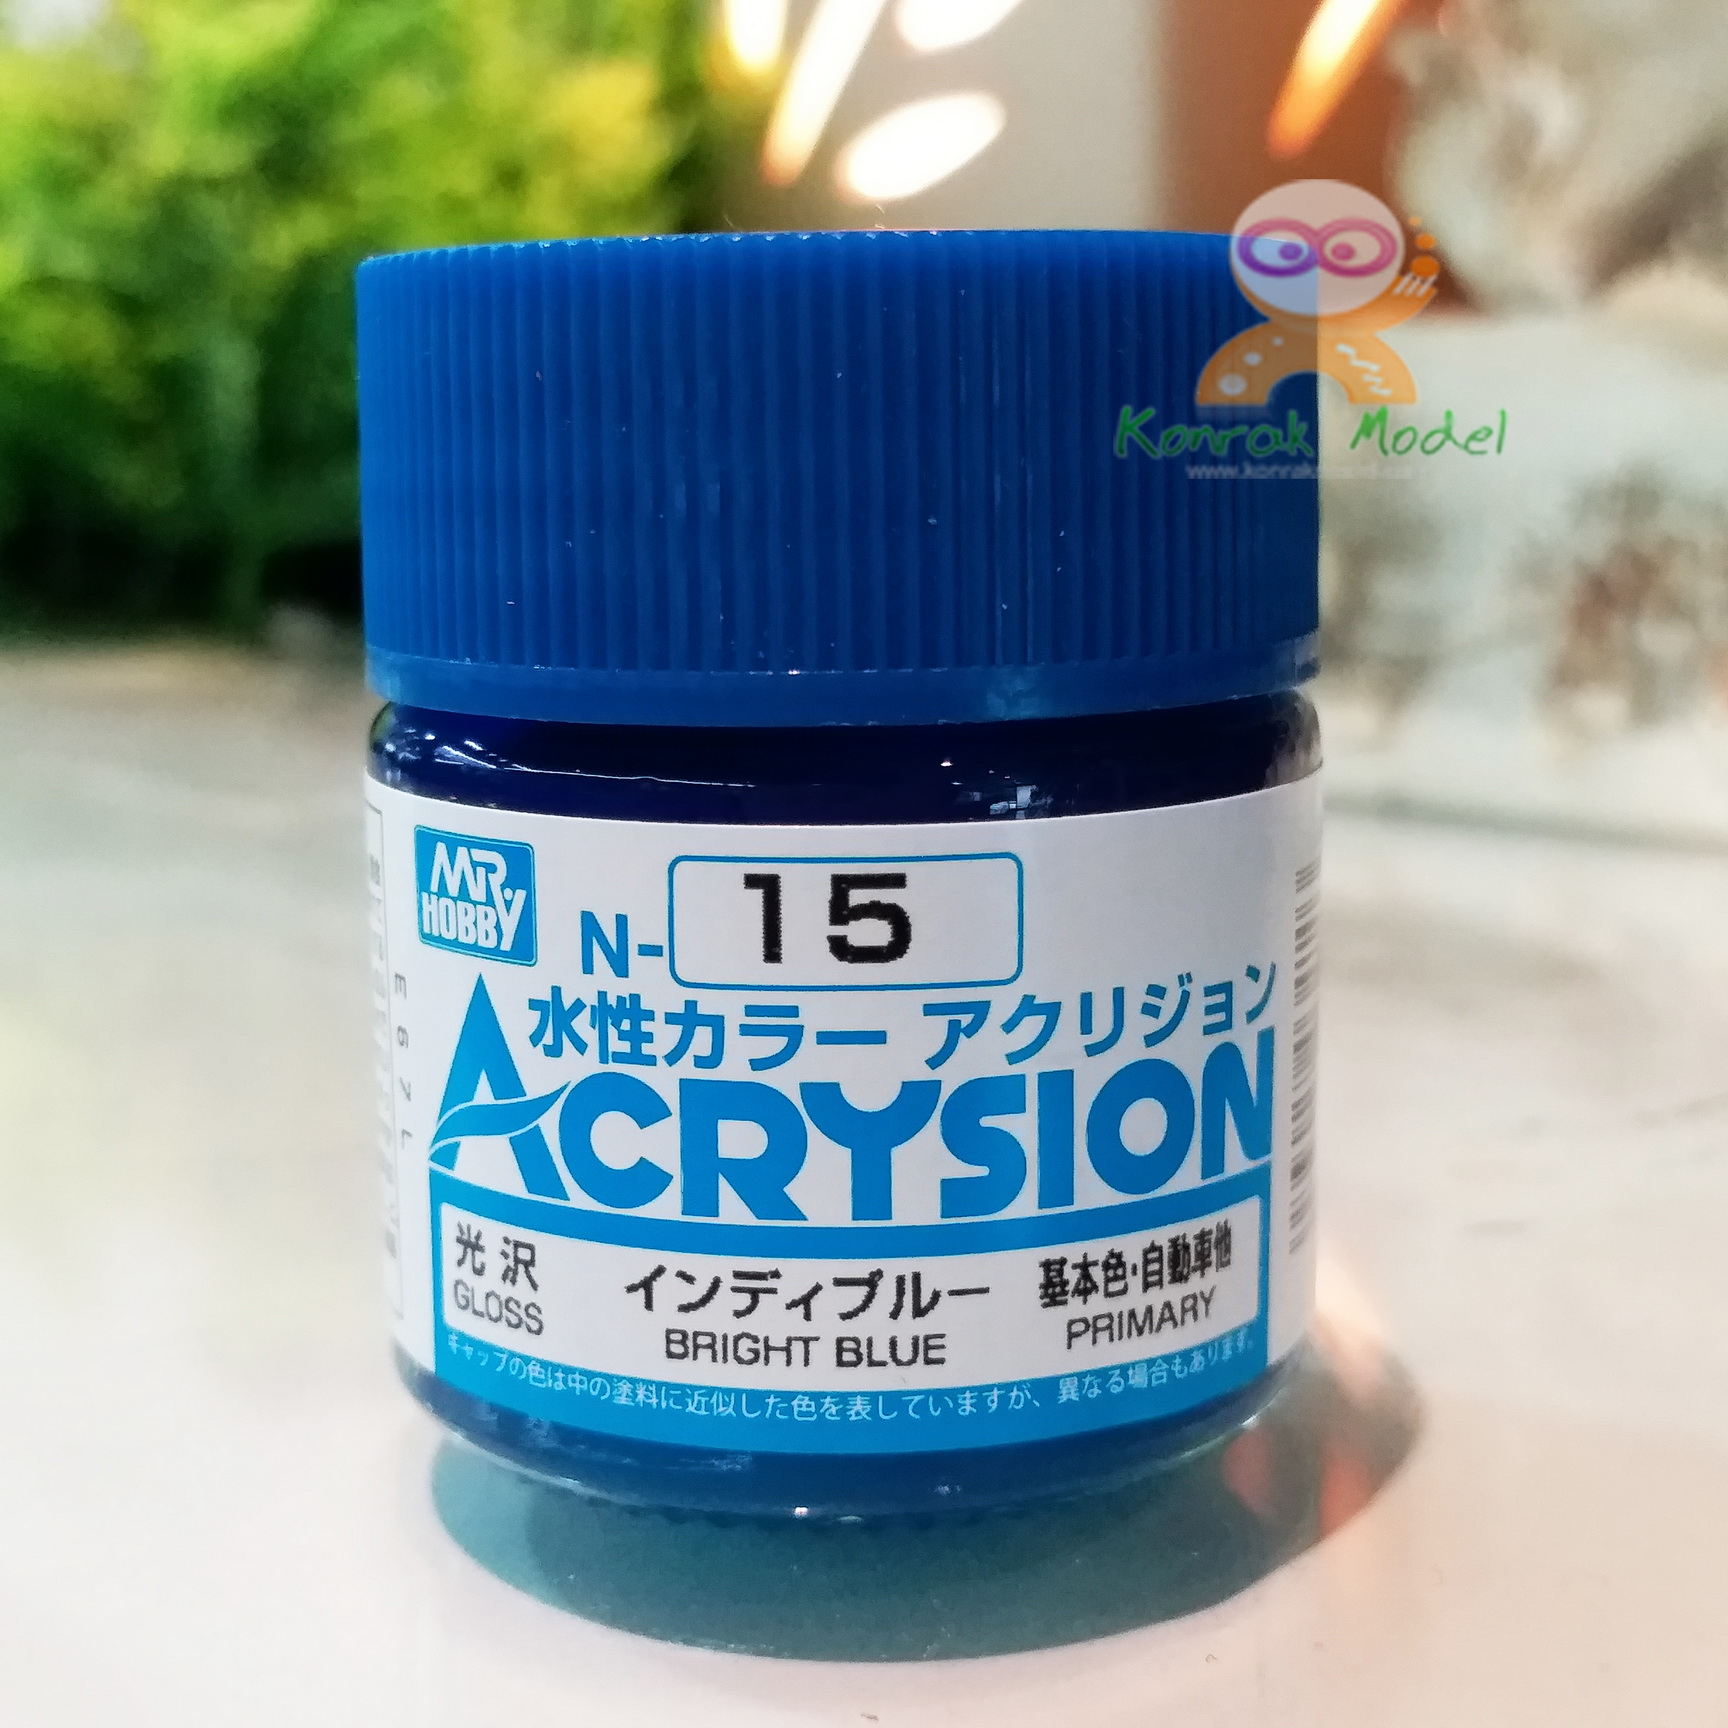 N15 BRIGHT BLUE (Gloss) 10ml